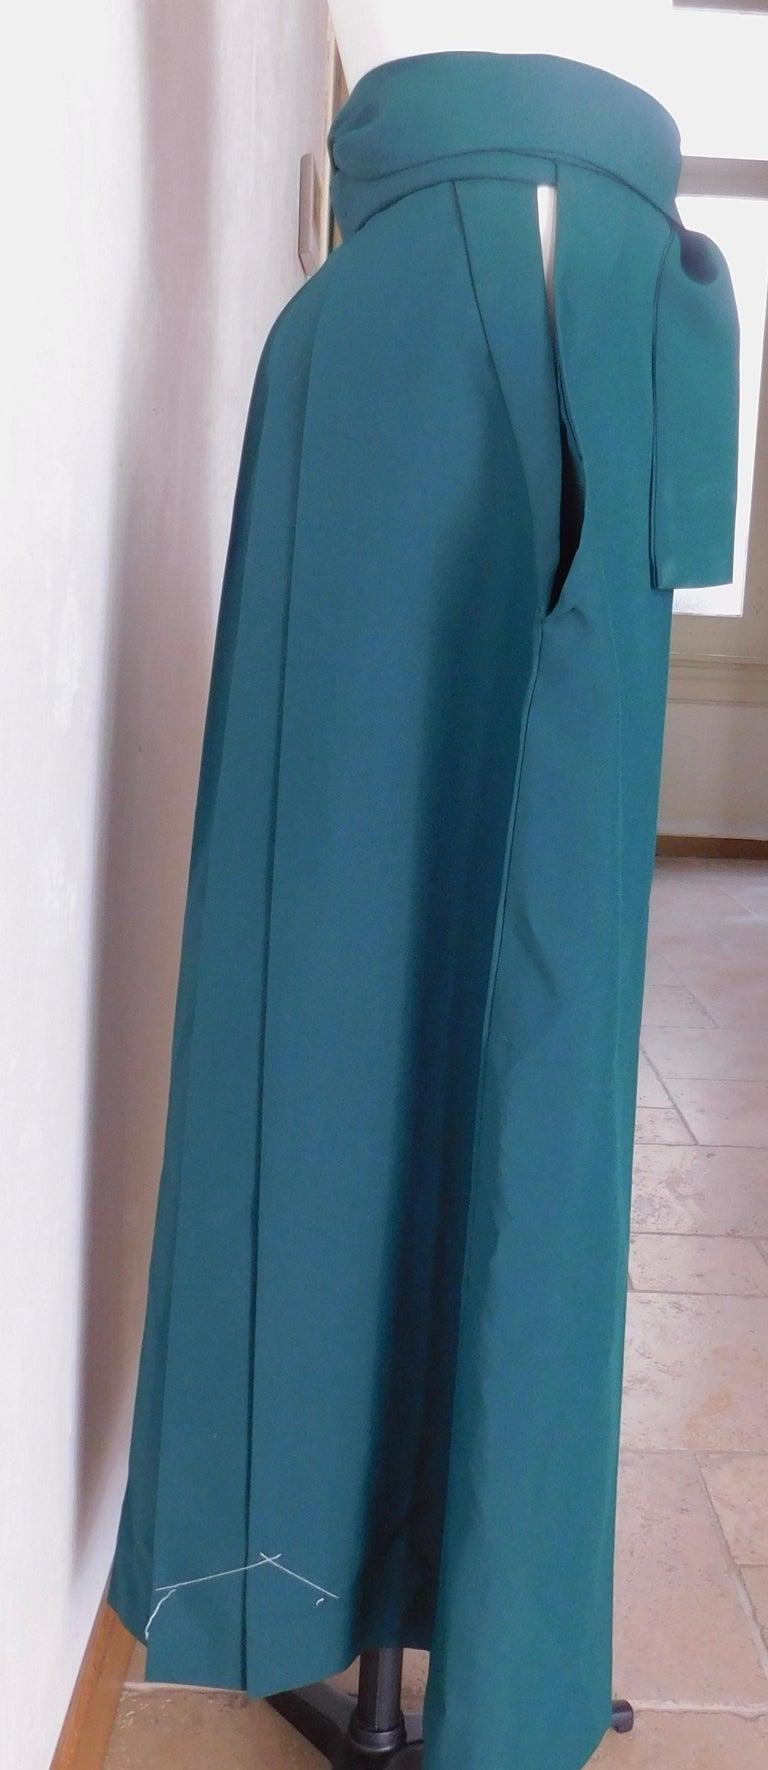 Women's or Men's Vintage Japanese Green Hakama Skirt For Sale